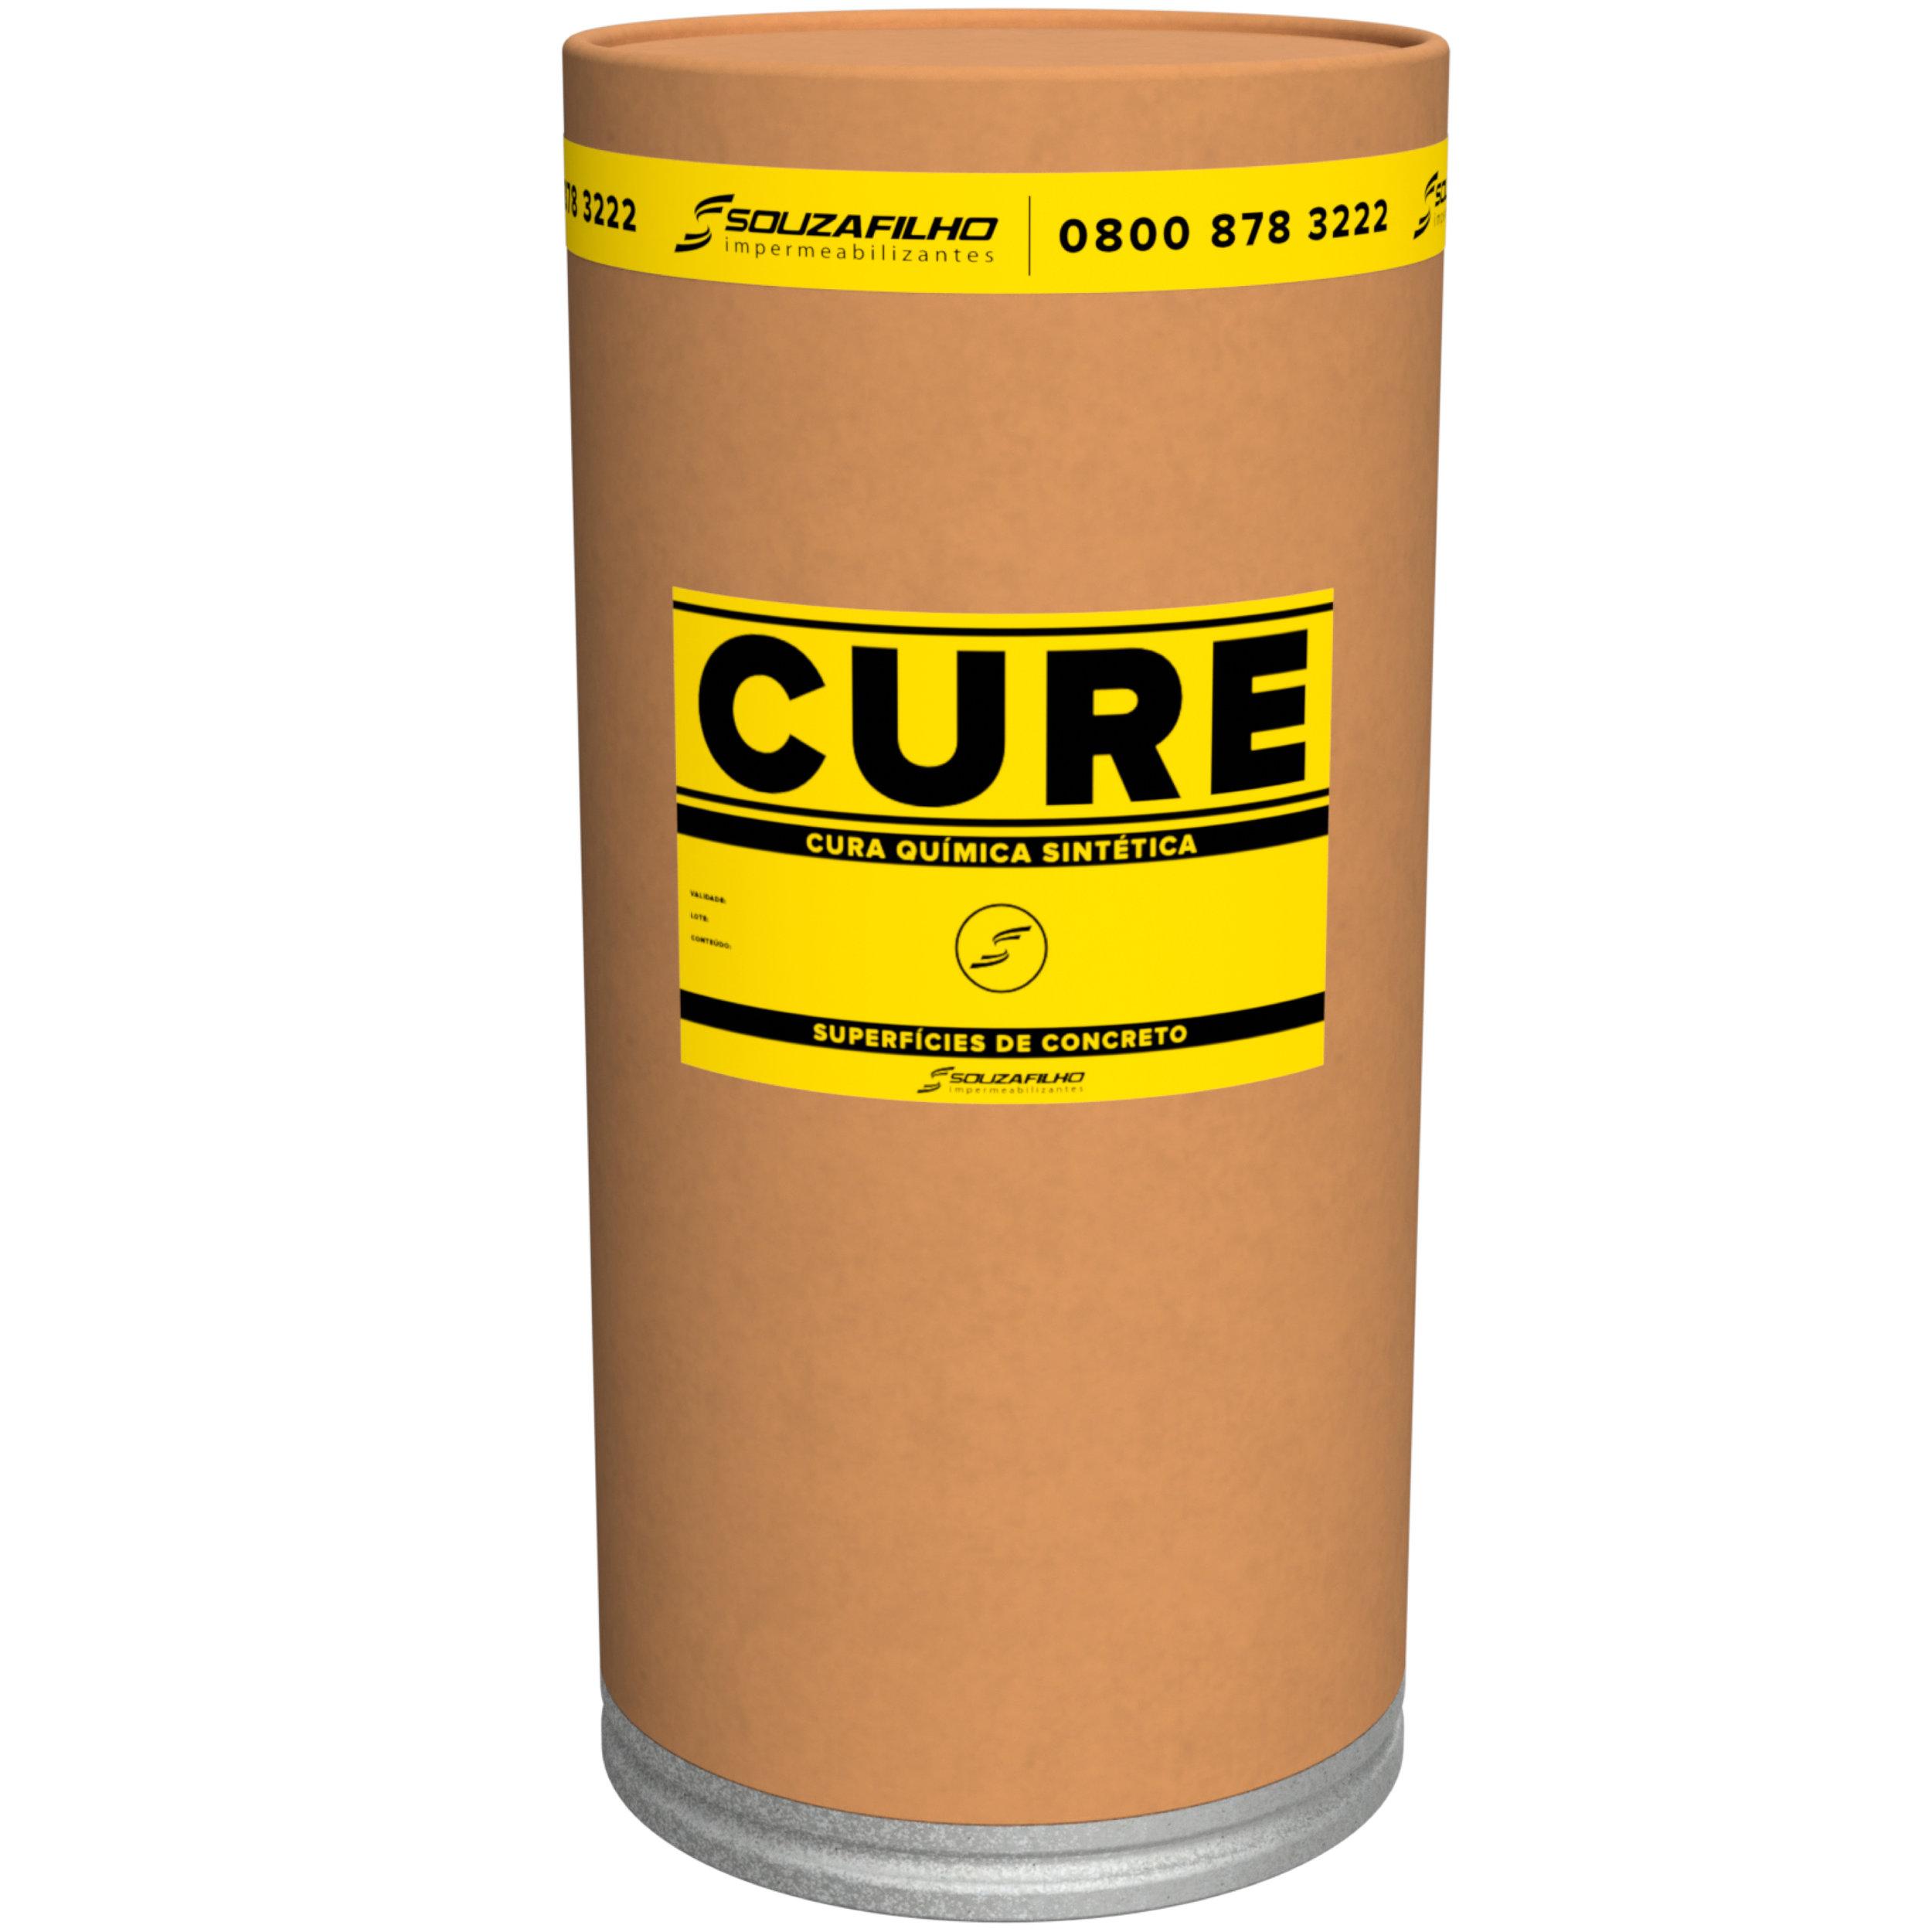 CURE - Cura química para superfícies de concreto.   Embalagem: 25 Quilogramas   Ideal para: Concreto polido e concreto aparente -evita fissuras causadas pela curado concreto   Rendimento:  1 Kg para 5 a 10   m  ².